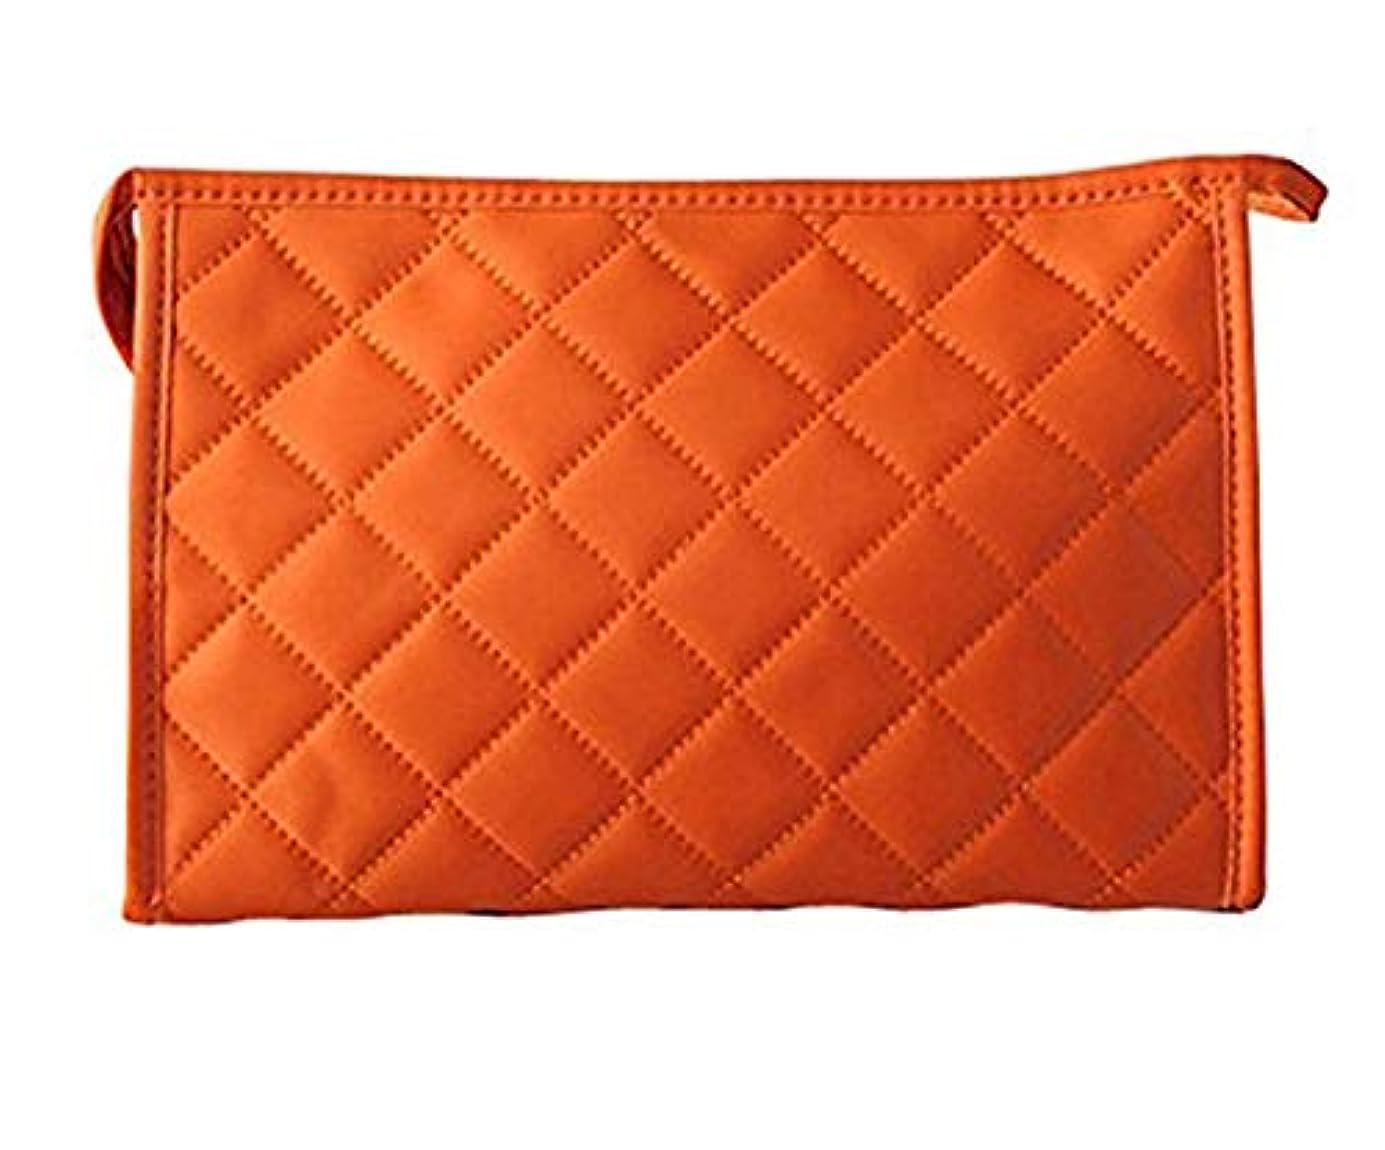 バンケット独立してアフリカ女性の化粧品袋ナイロングリッド長方形四角形化粧ジッパーバッグ